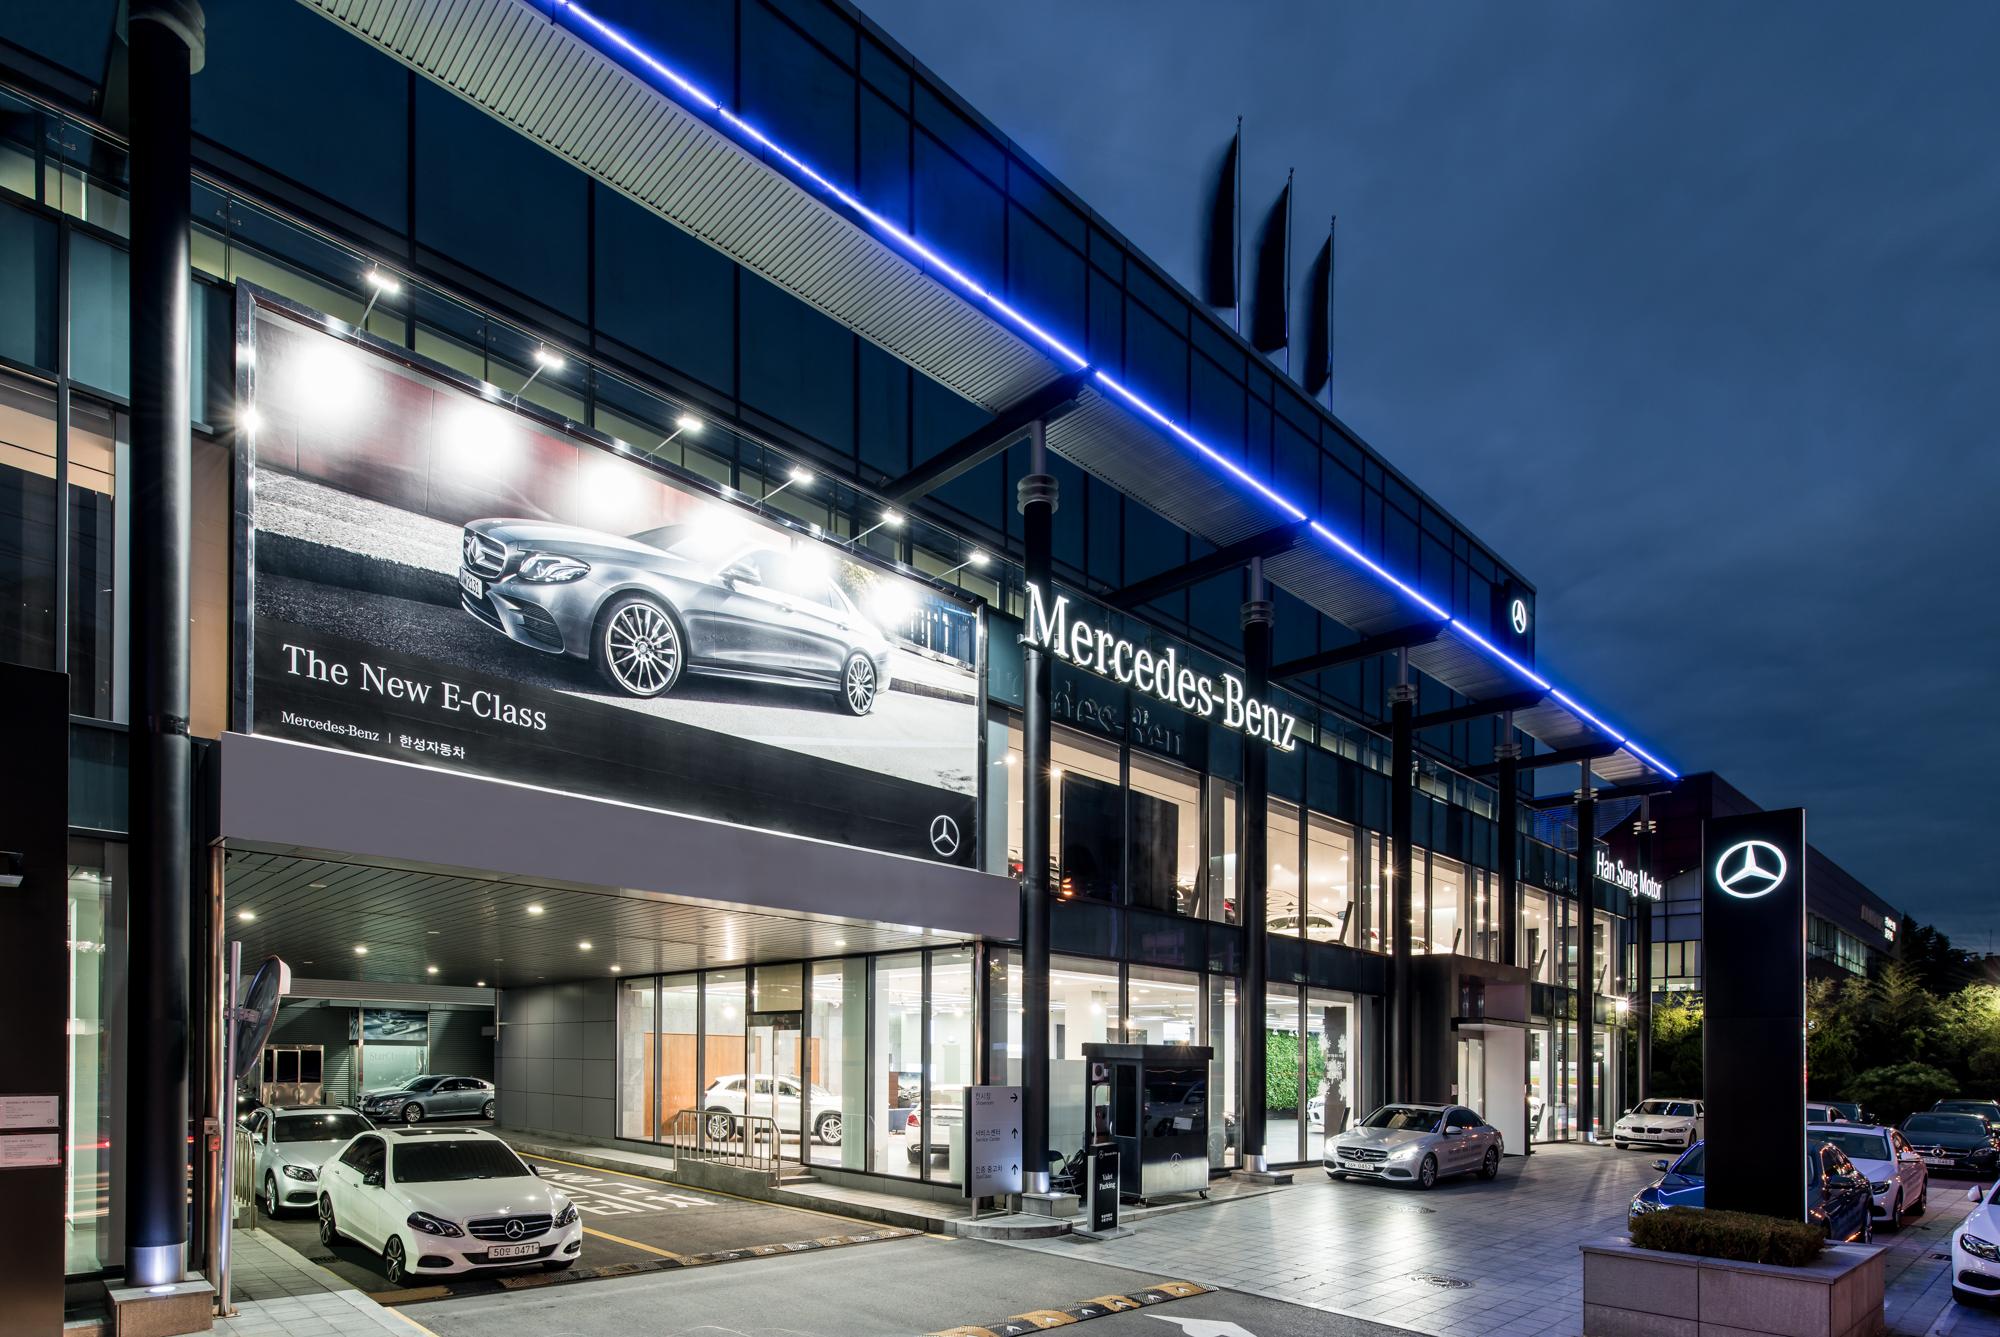 Mercedes Benz, Han Sung Motor